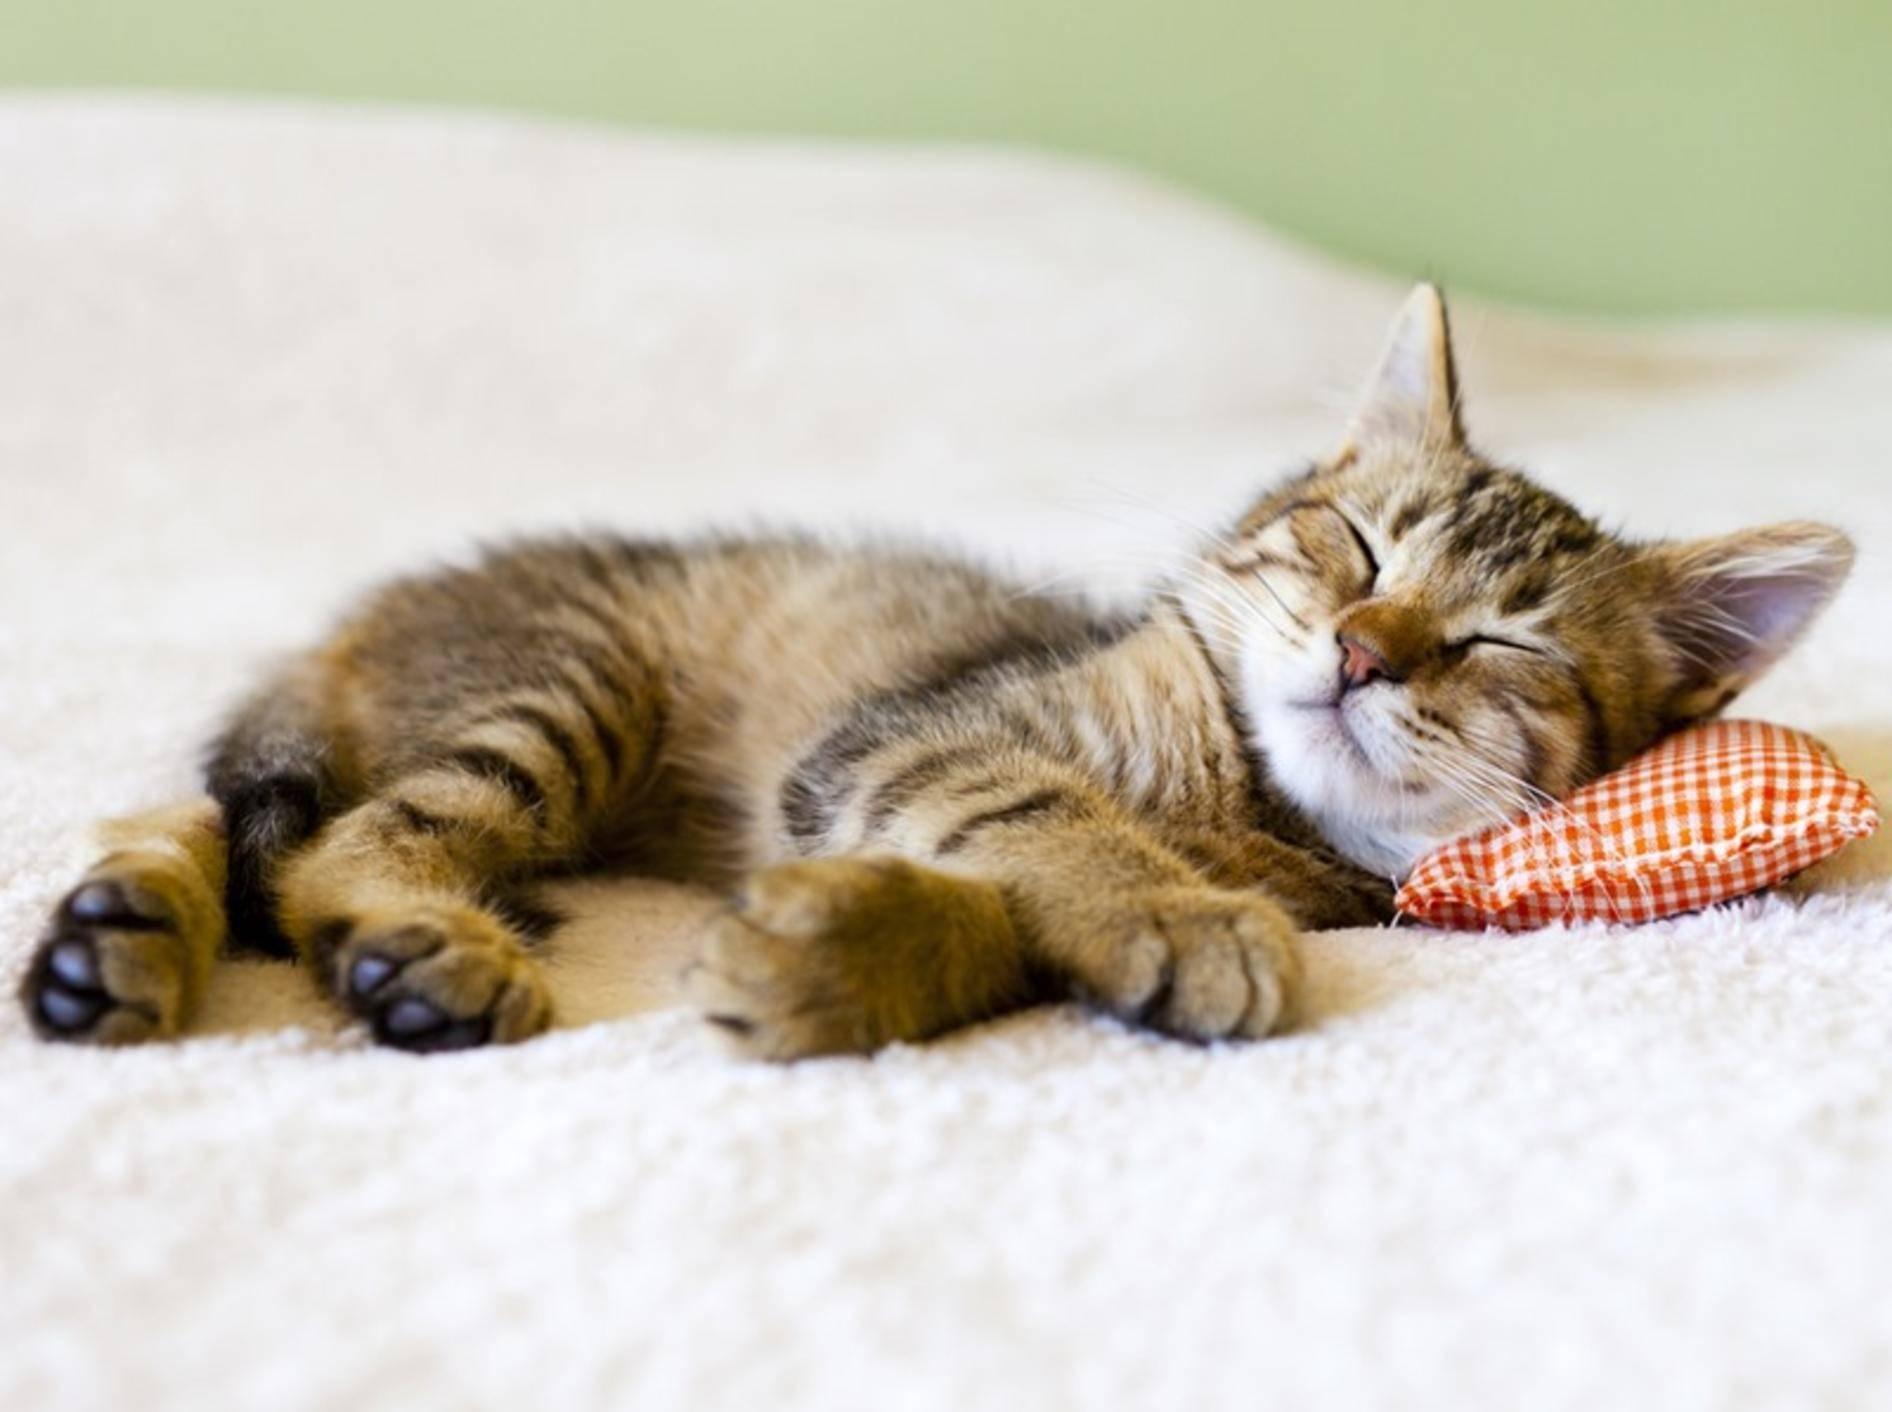 Wie sich eine Katze bettet, sagt einiges über sie aus – Bild: Shutterstock / MaxyM